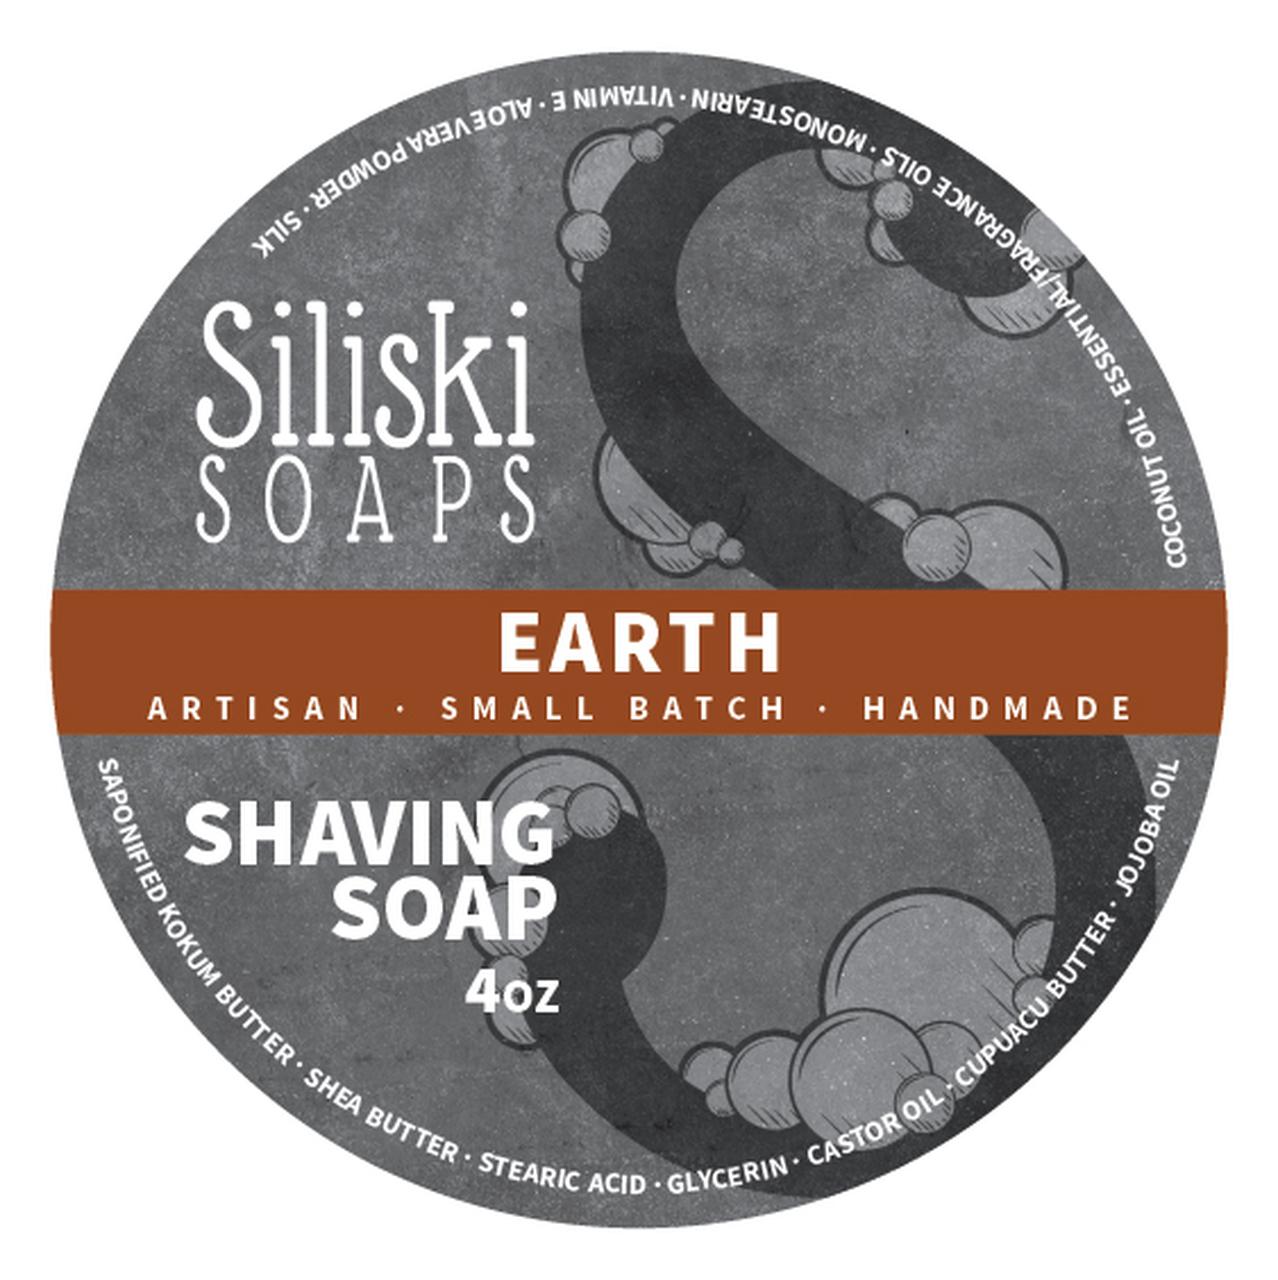 Siliski Soaps - Earth - Soap image